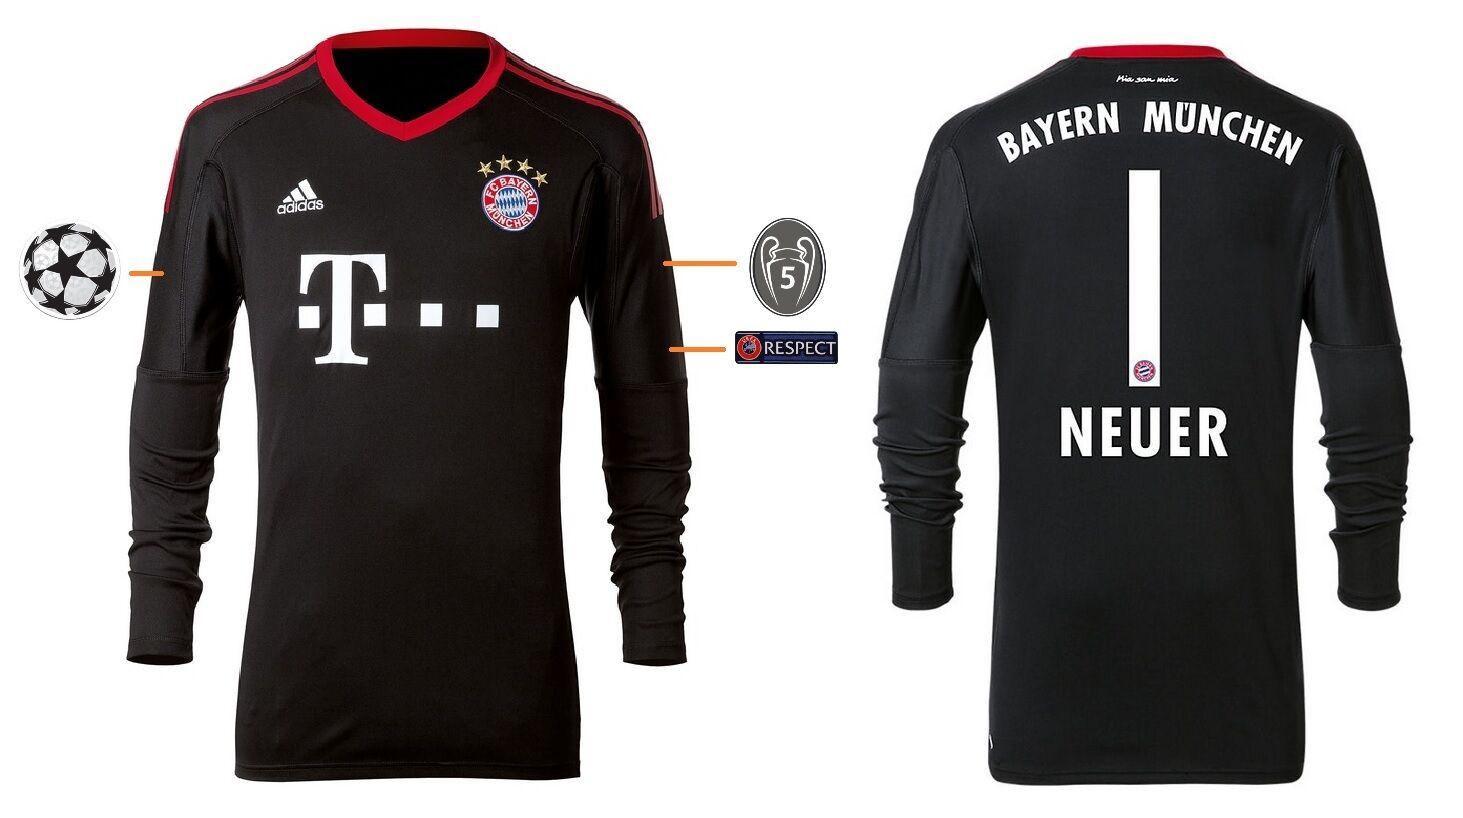 Trikot FC Bayern 2017-2018 Home Home Home Torwart UCL - Neuer  Champions League  | Zu verkaufen  8fccb2